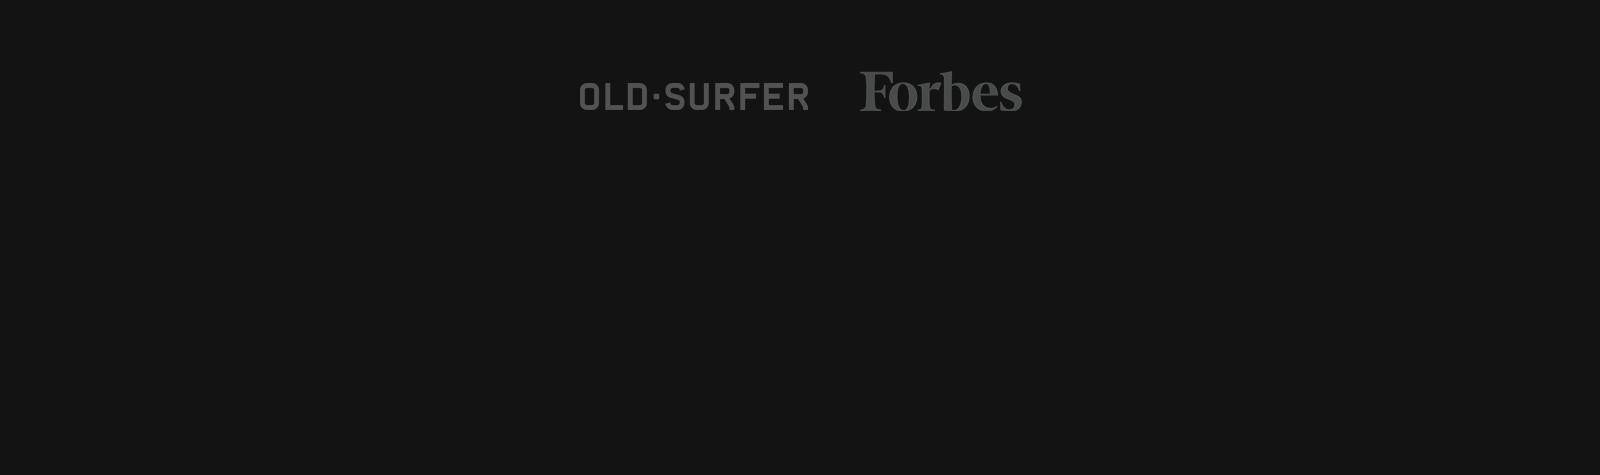 Una ola que ya llegó a FORBES